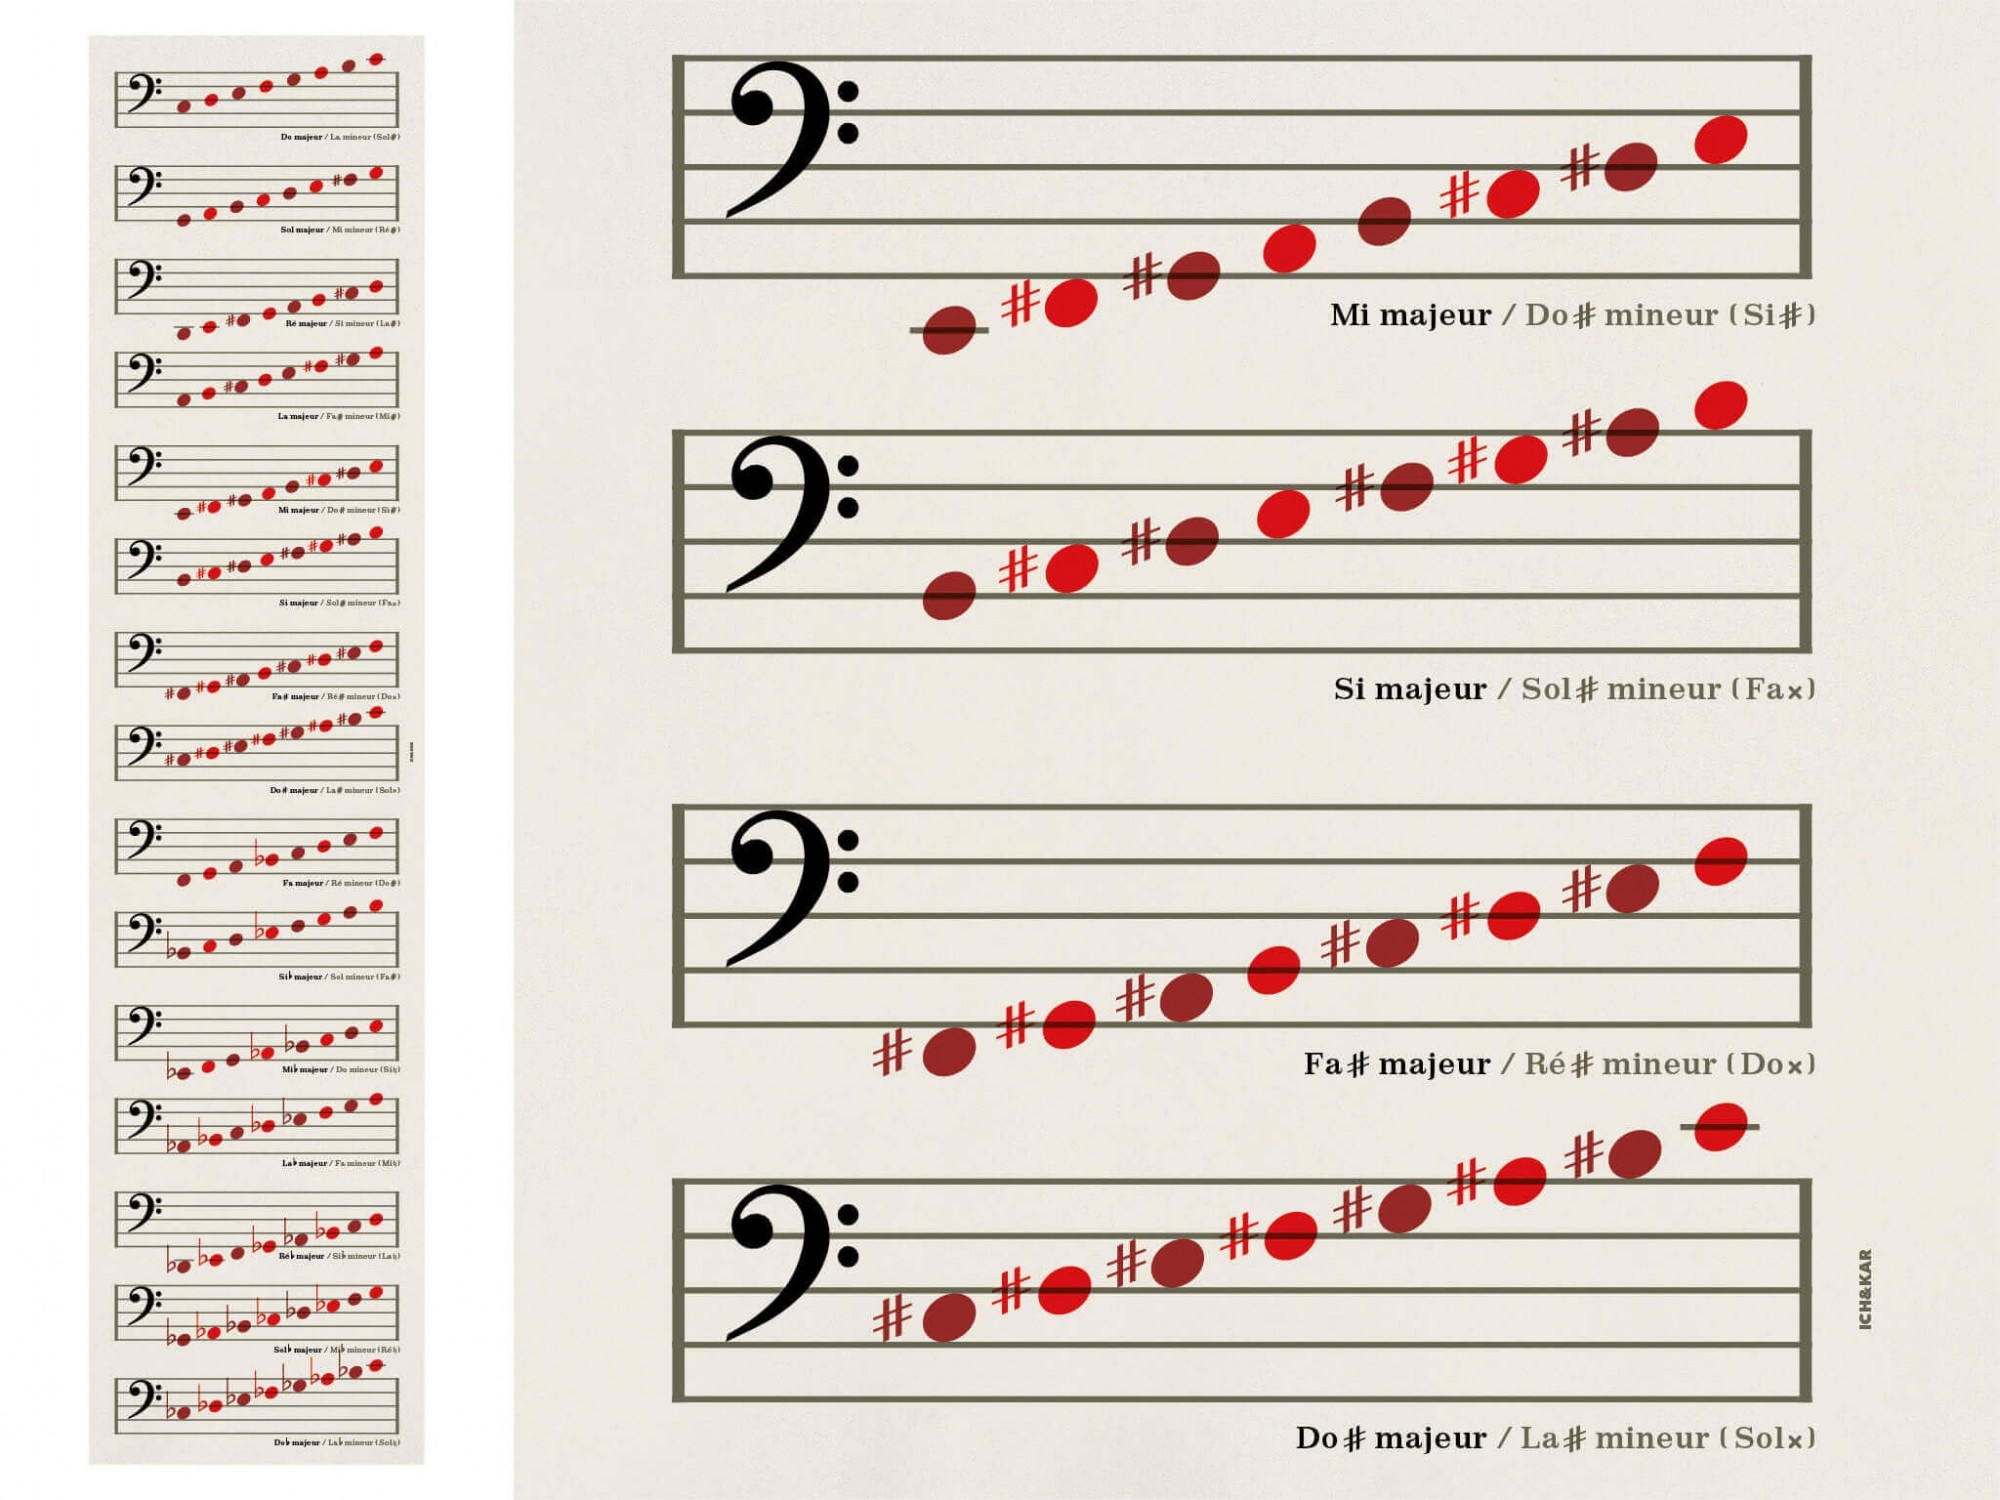 Lé du Papier peint musique Clé de Fa de la collection Watch, Look and Learn, design IchetKar